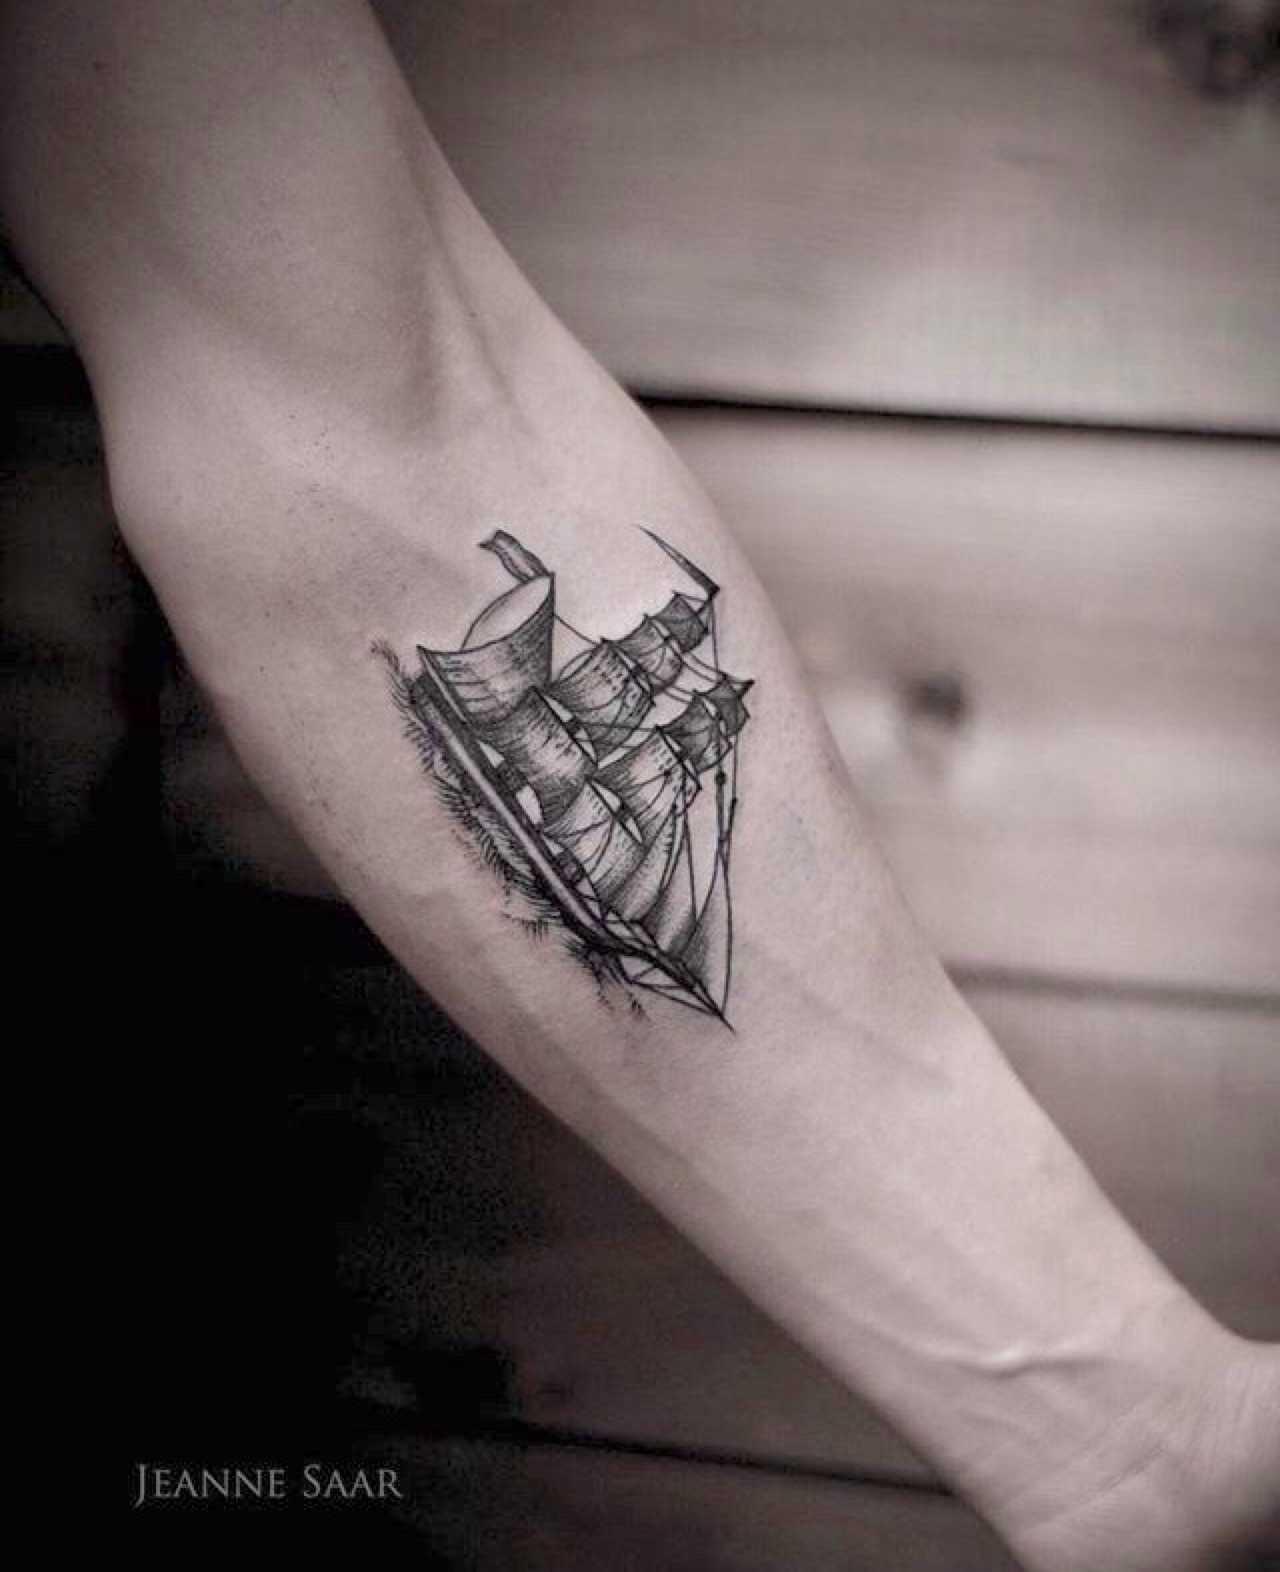 Ship tattoo by Jeanne Saar